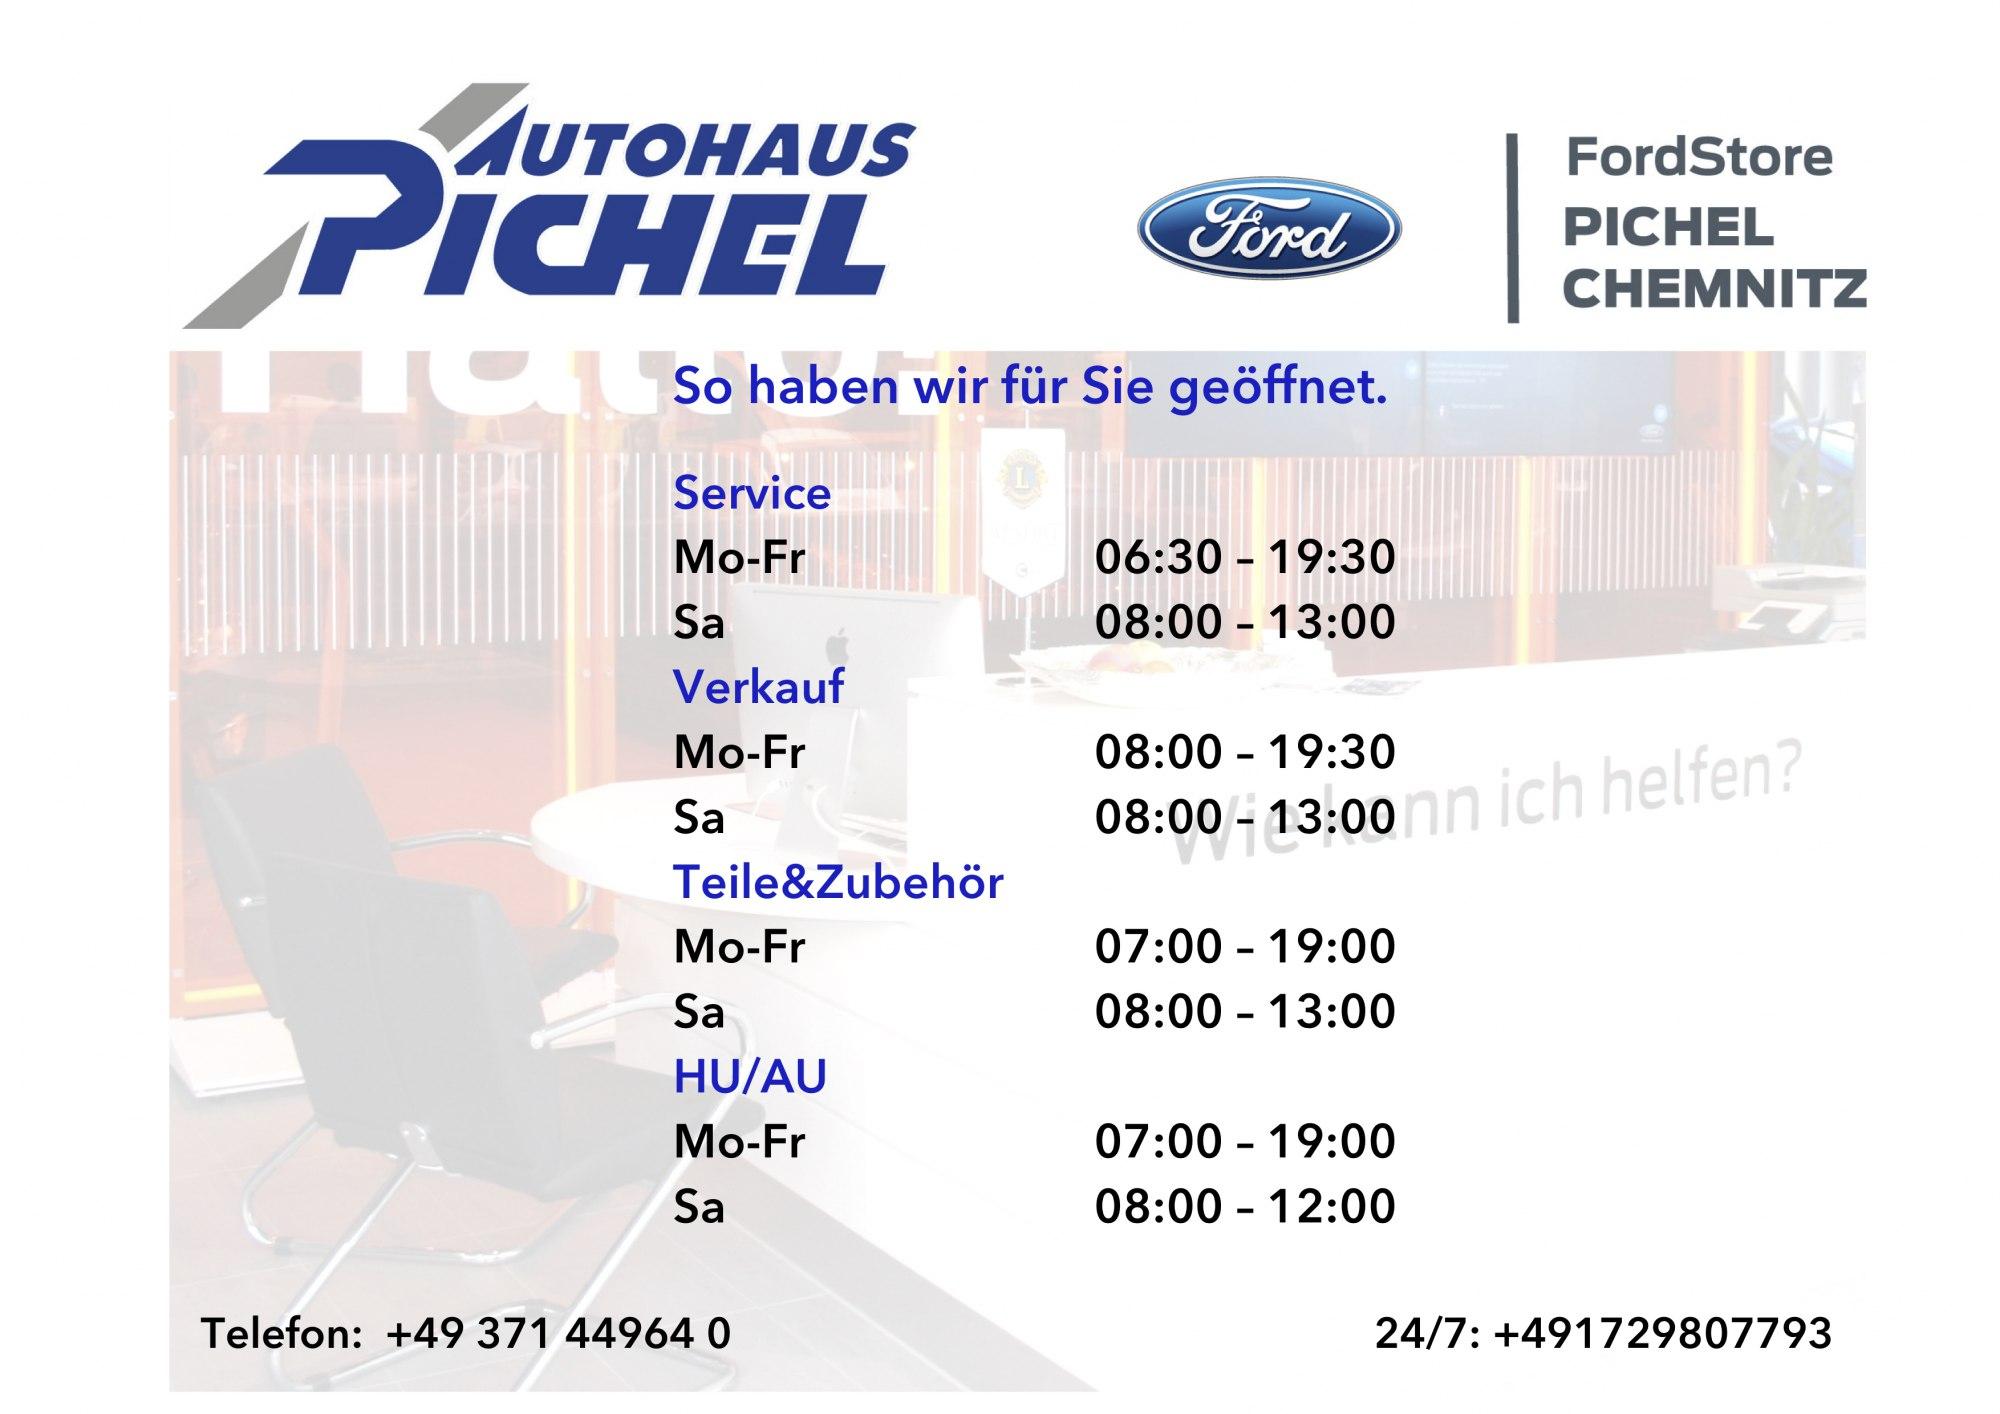 Öffnungszeiten FordStore Pichel Chemnitz